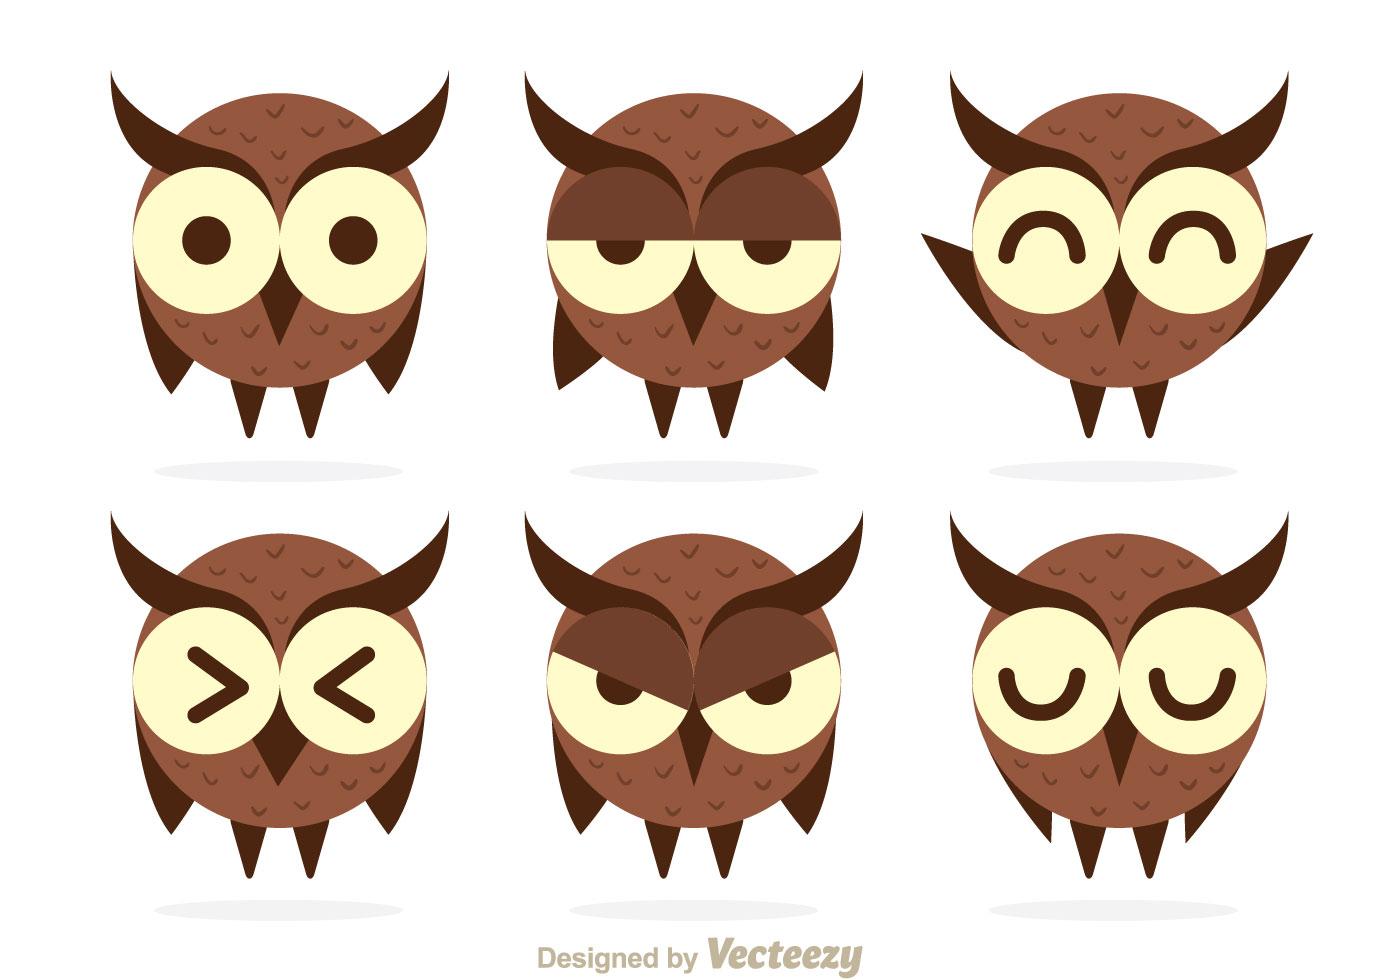 Cute Owl Expression Vectors - Download Free Vectors ...